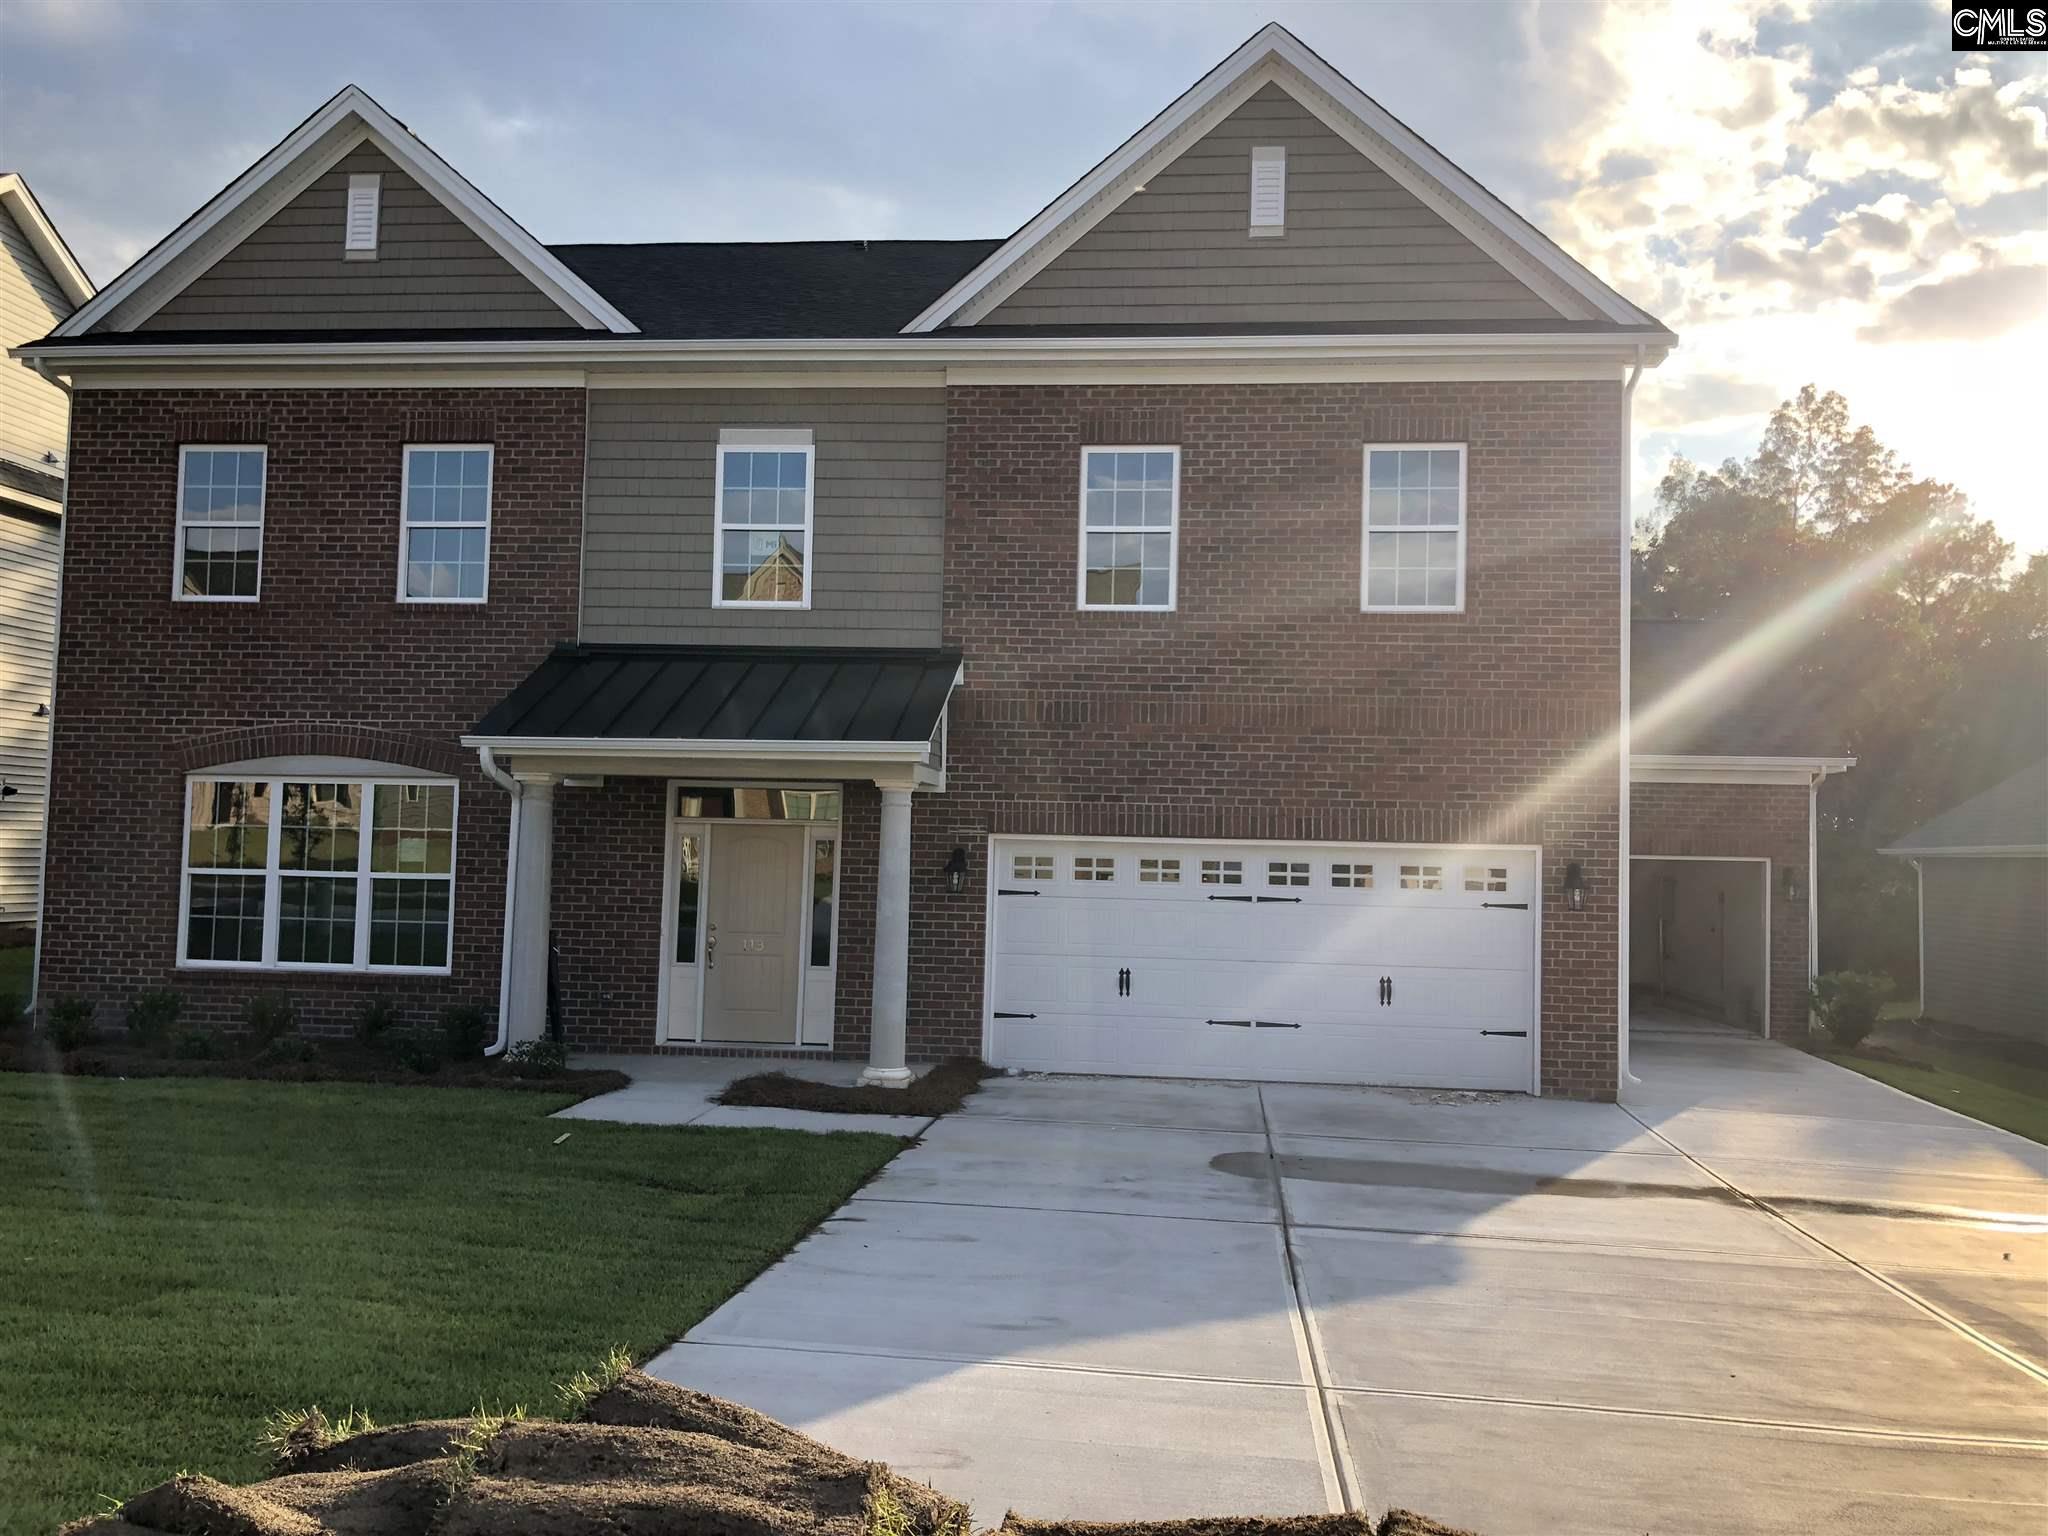 119 Golden Oak #200 Lexington, SC 29072